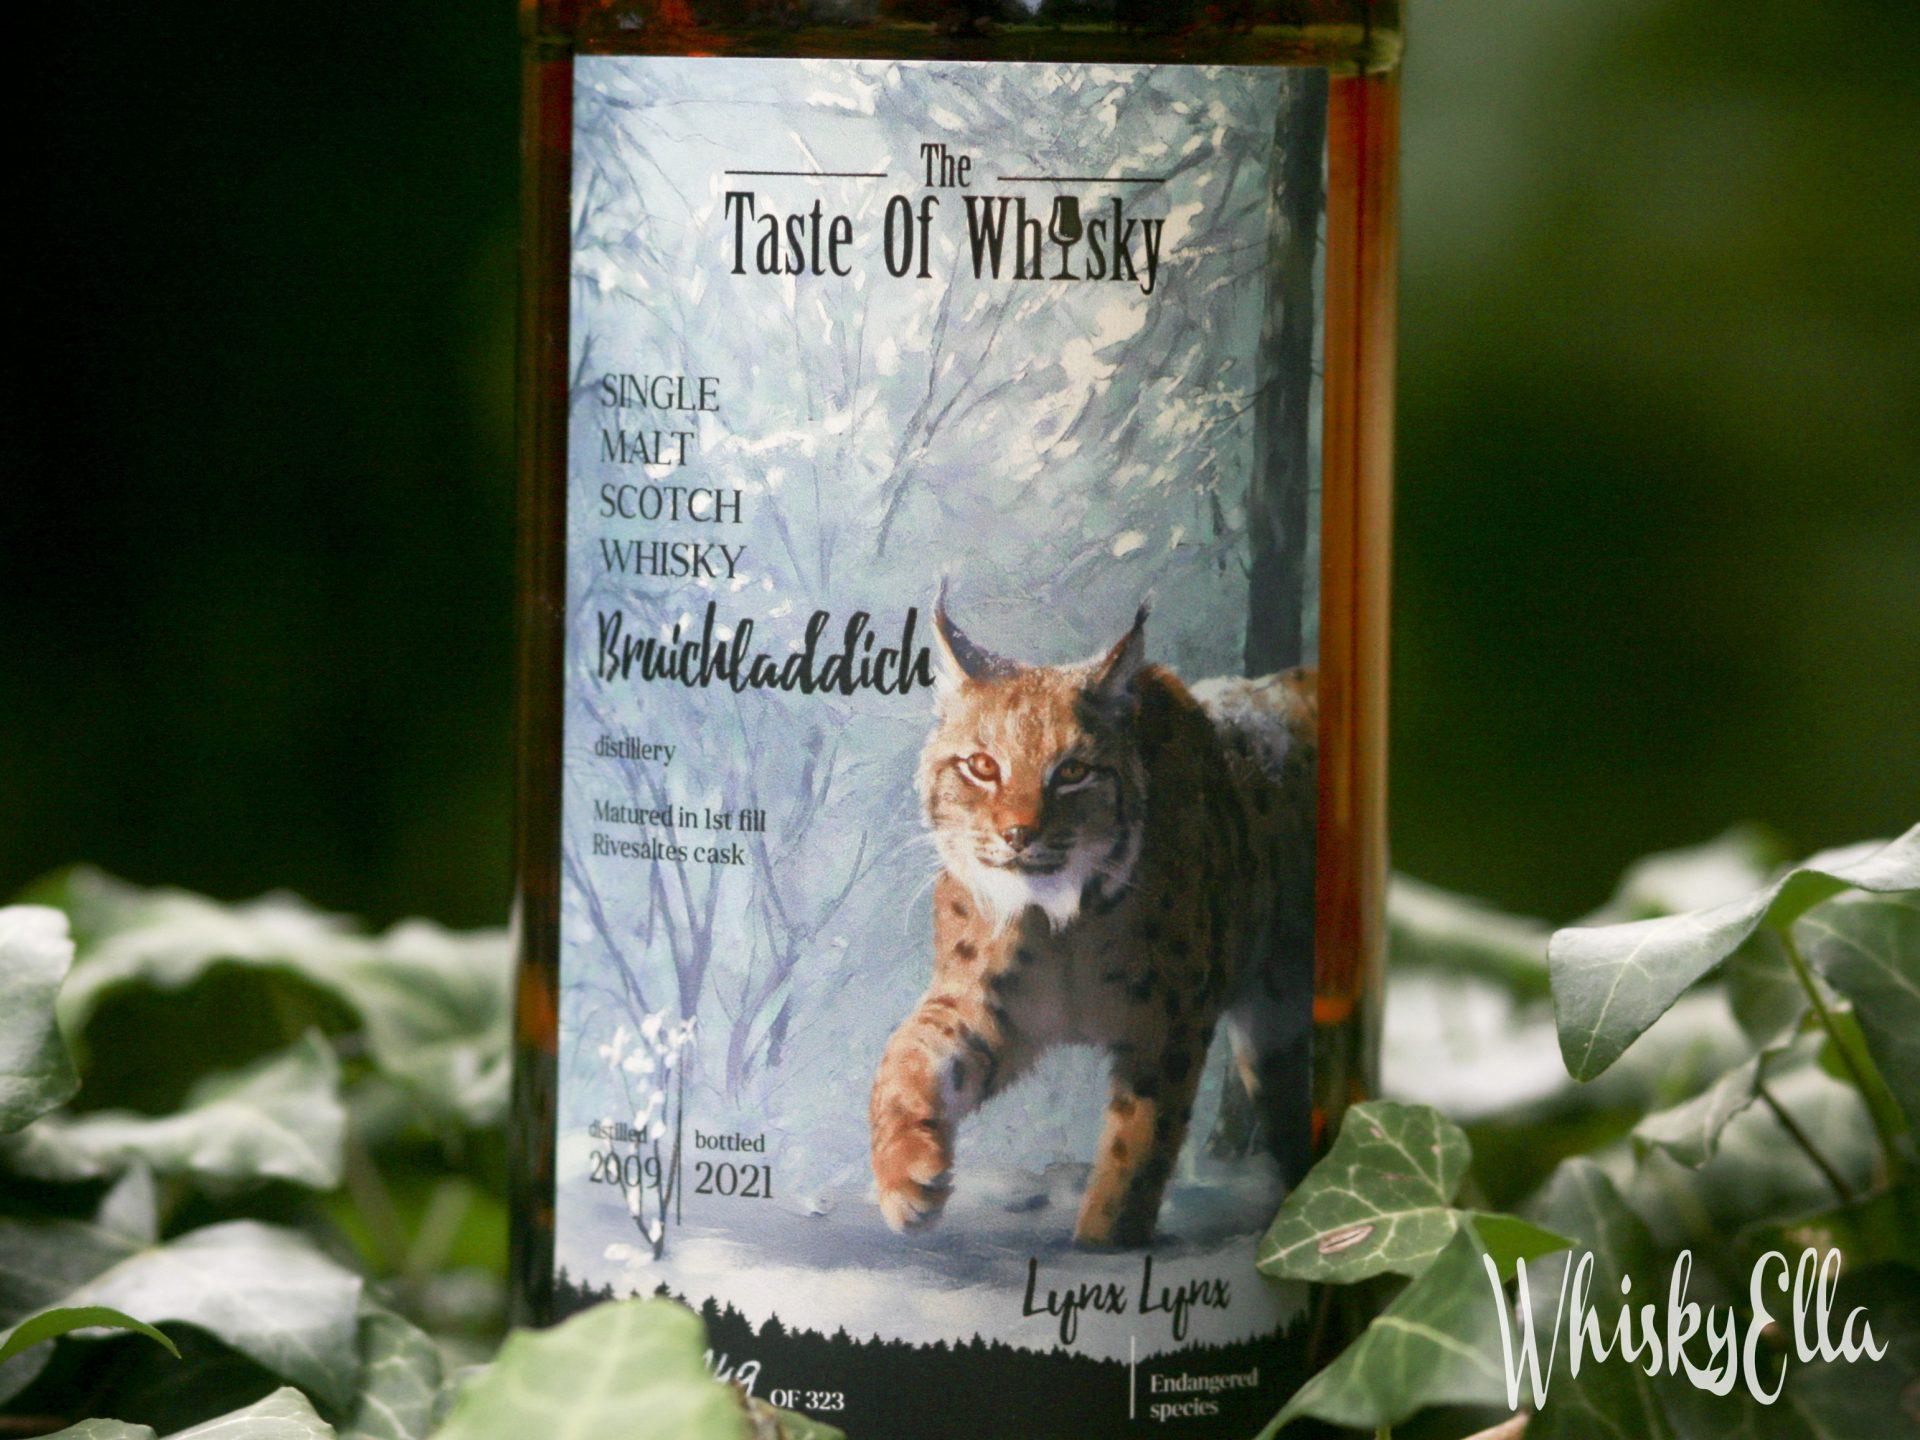 Nasza recenzja Bruichladdich 2009 od The Taste Of Whisky #111